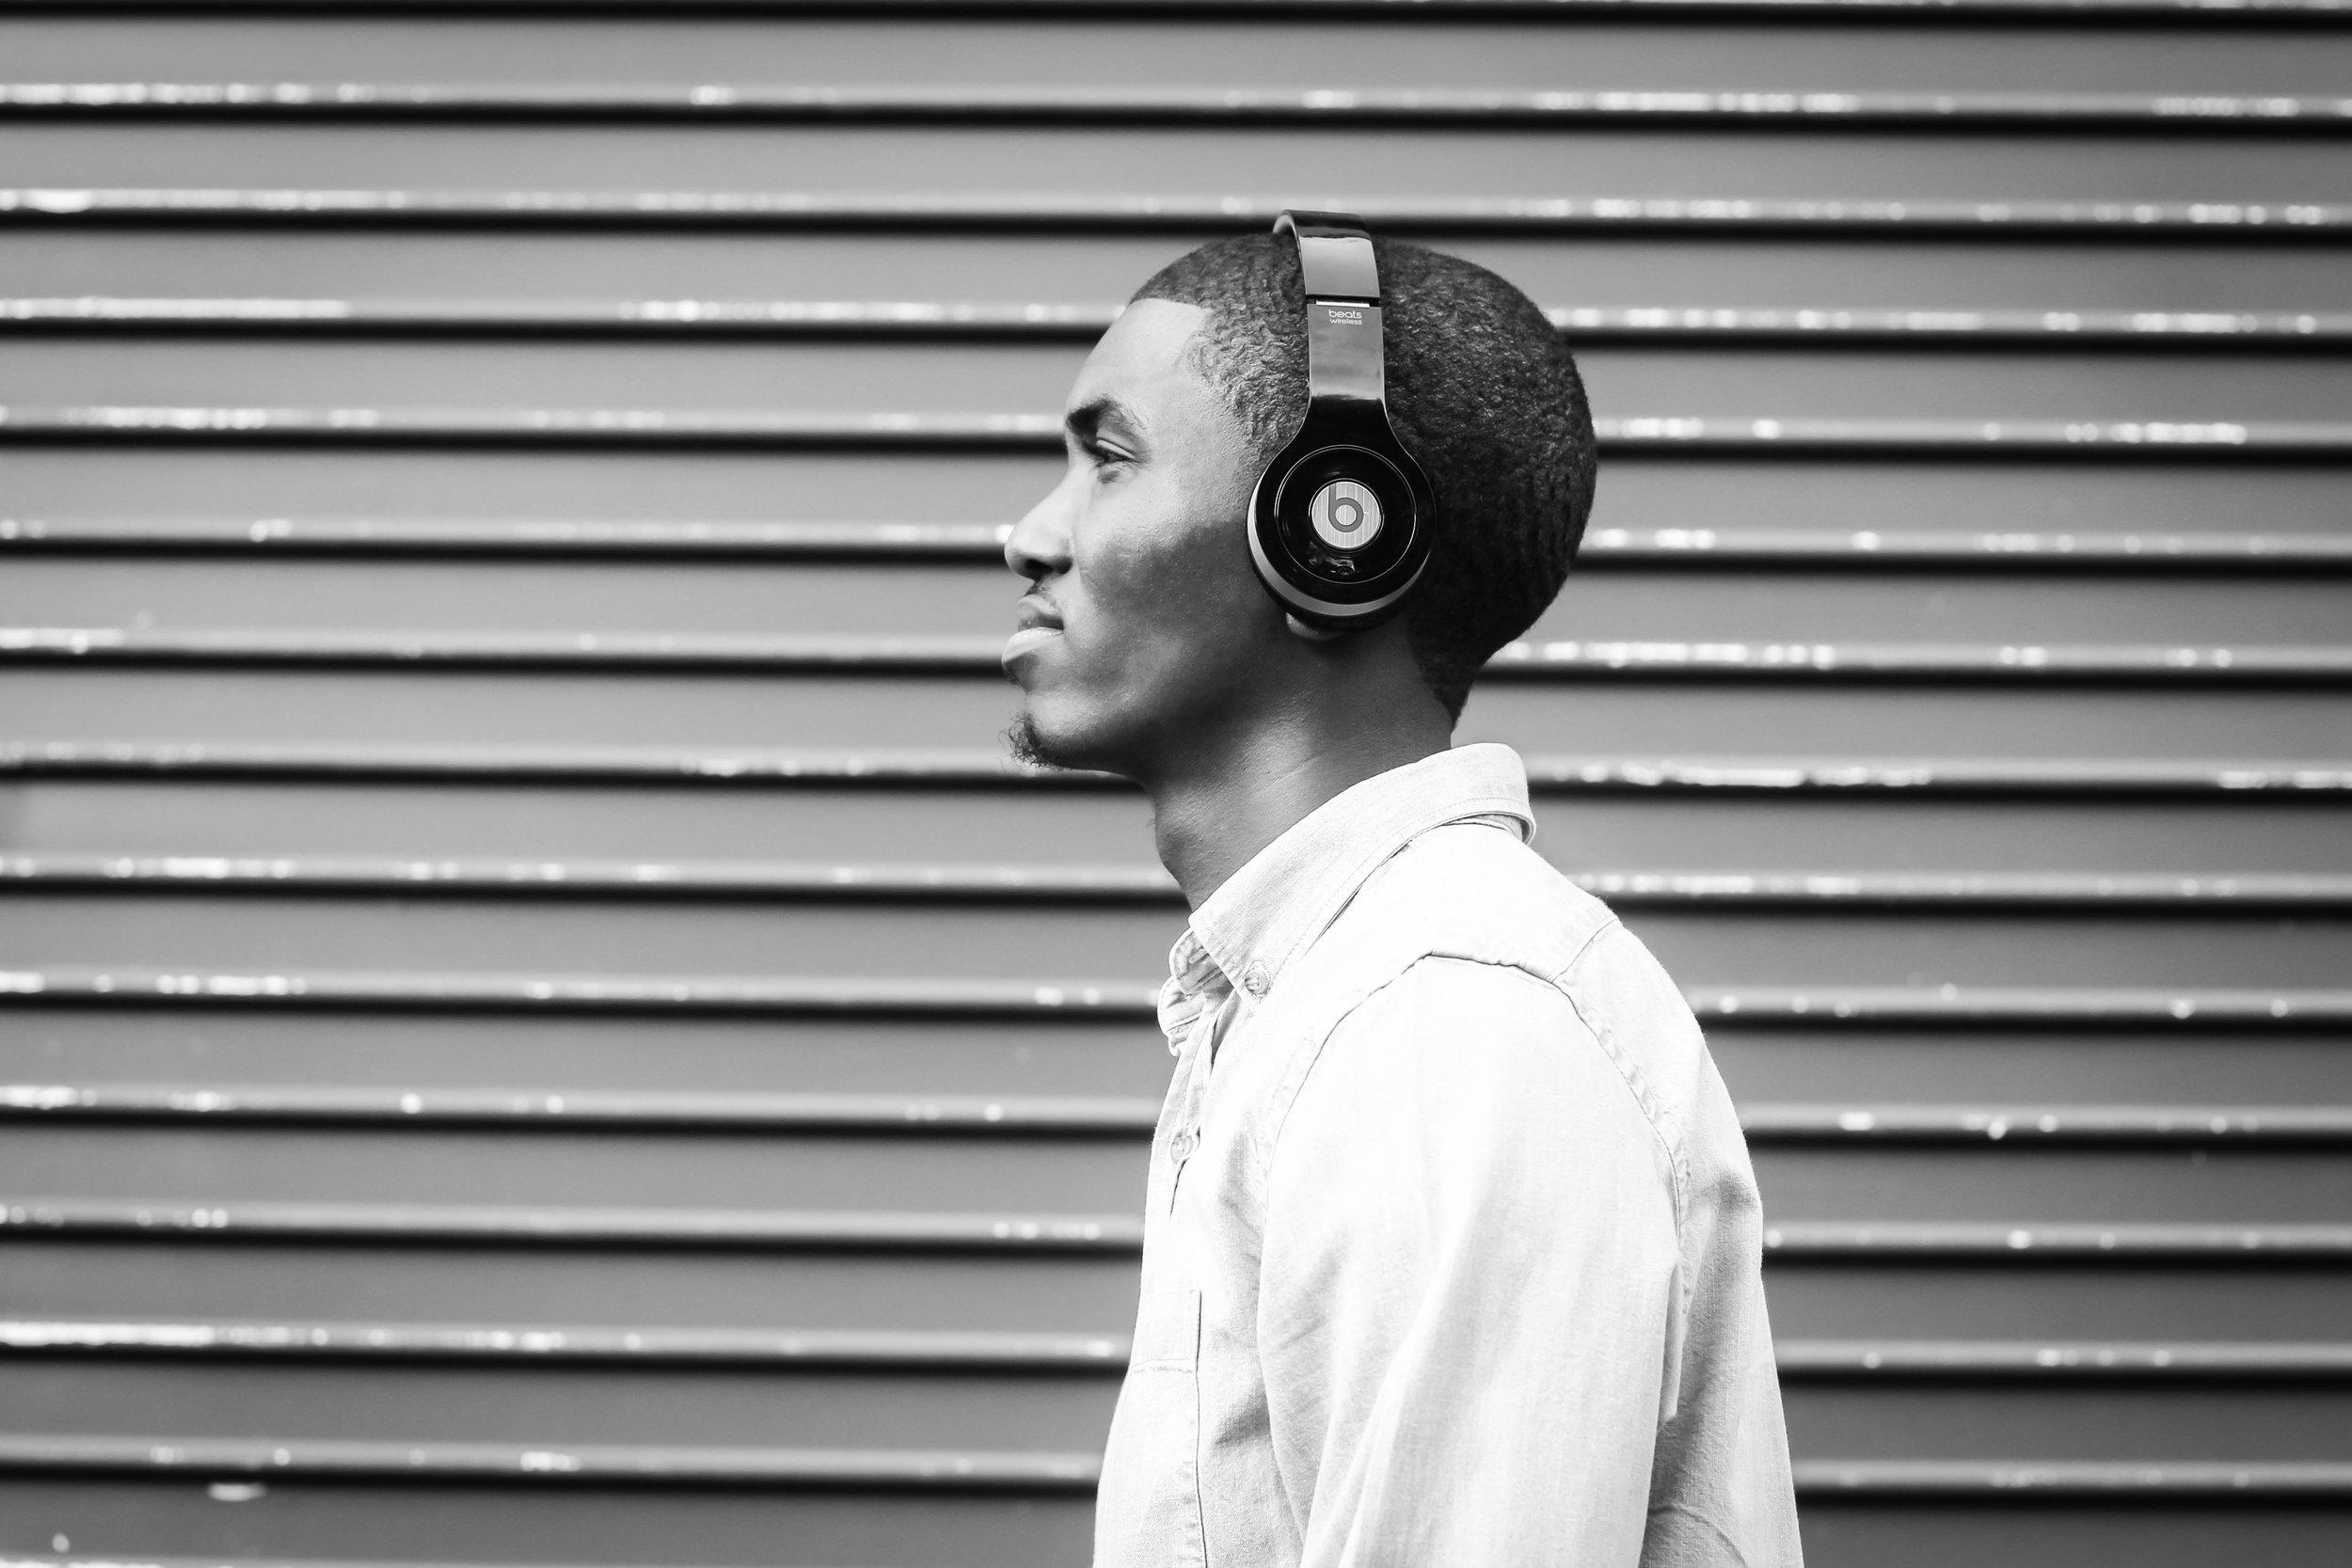 DJ CRU - DAJUAN CROOMSWEBSITE: WWW.DJCRU.COMEMAIL: BOOKING@DJCRU.COMPHONE: (404)914-7604